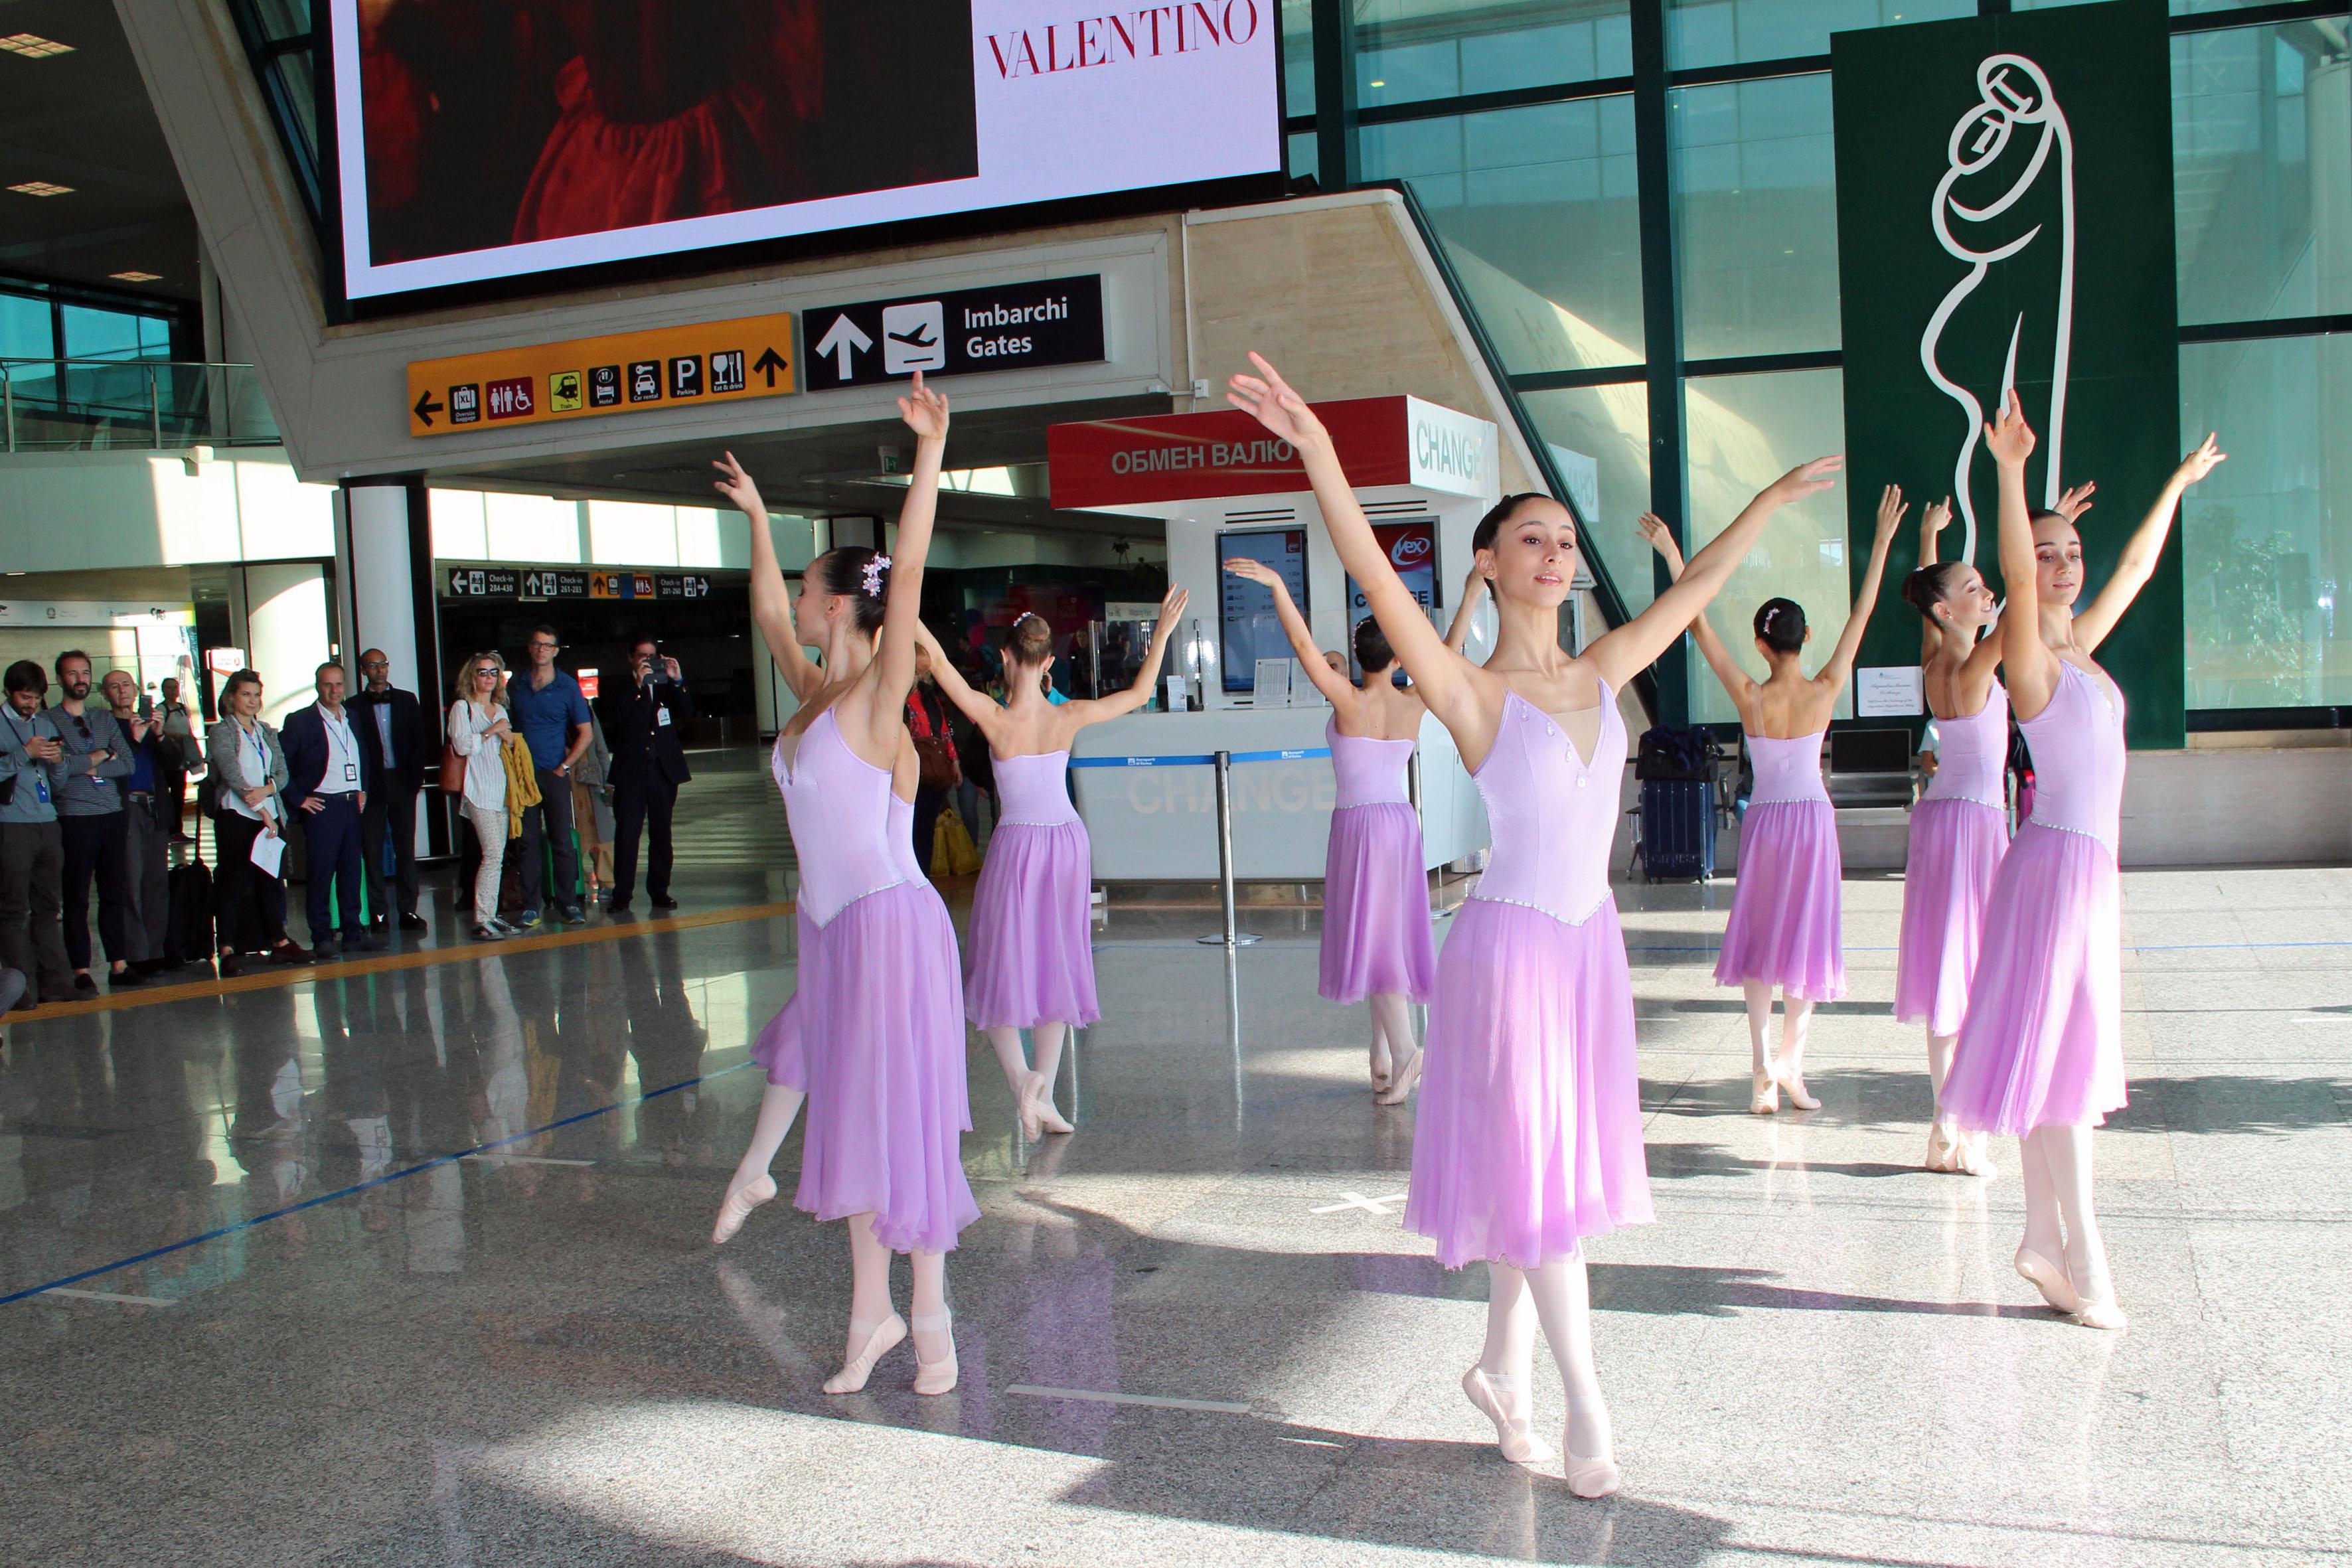 La danza in aereoporto